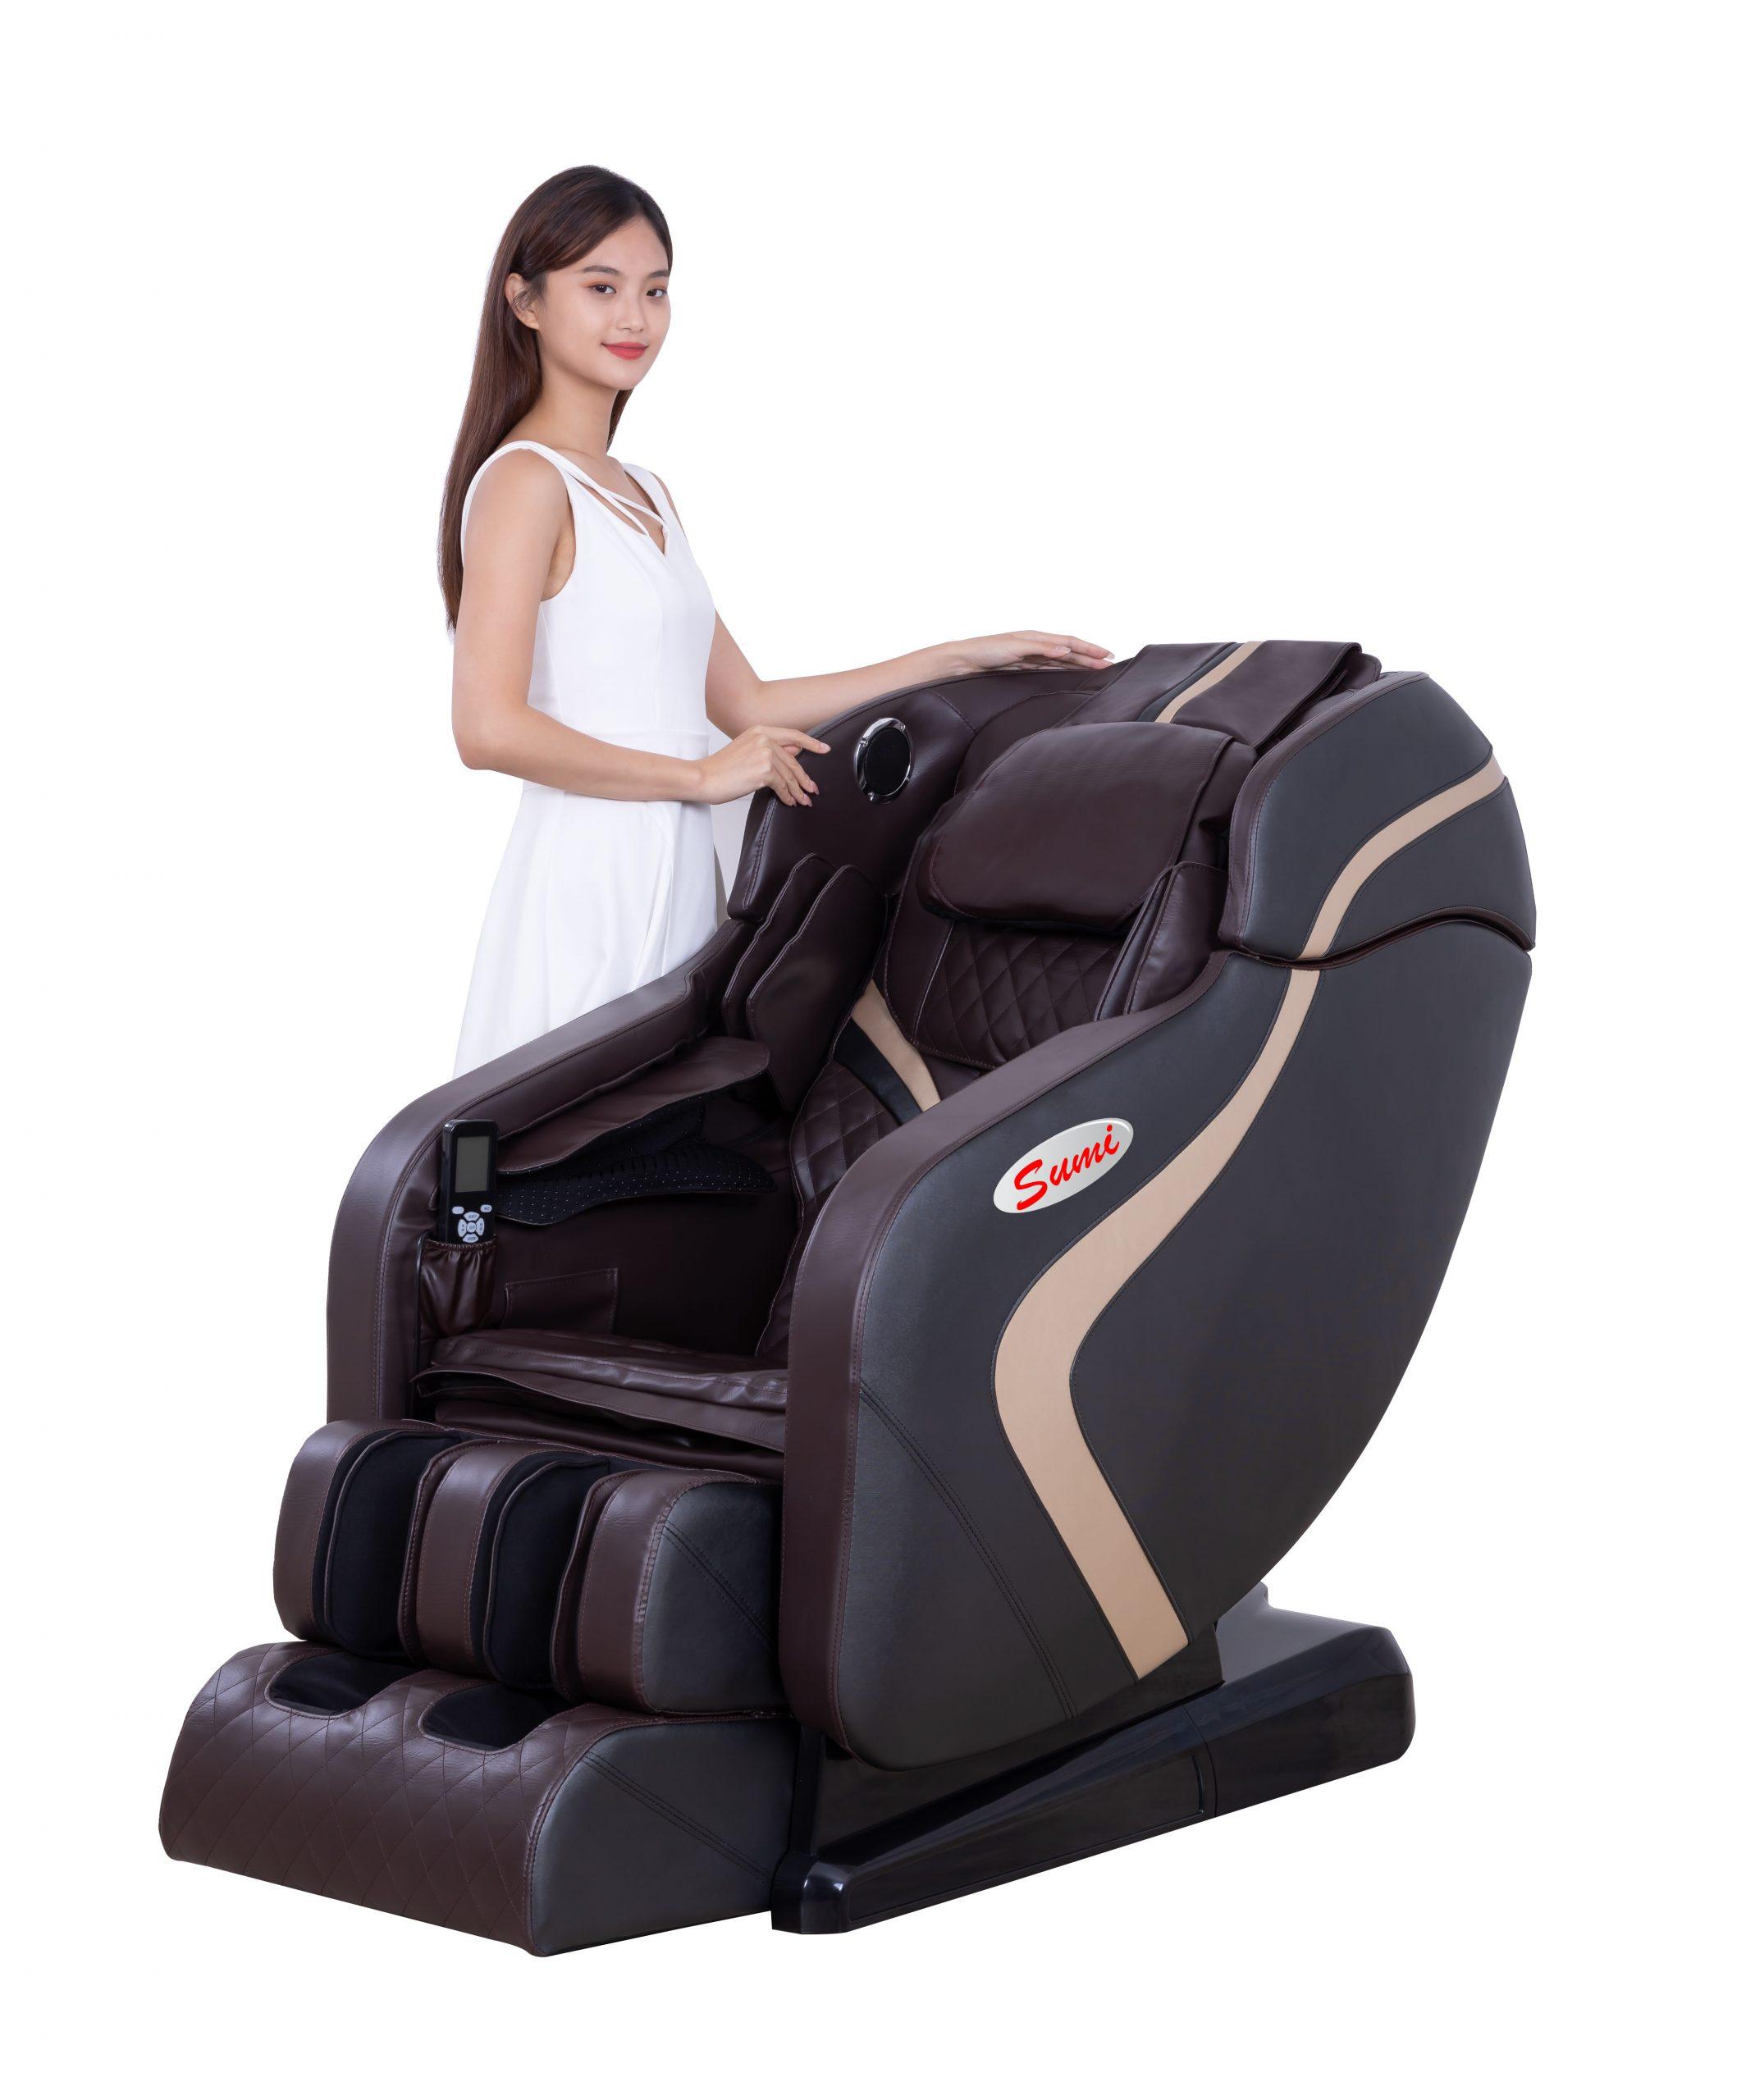 Ghế massage toàn thân Sumi X9S